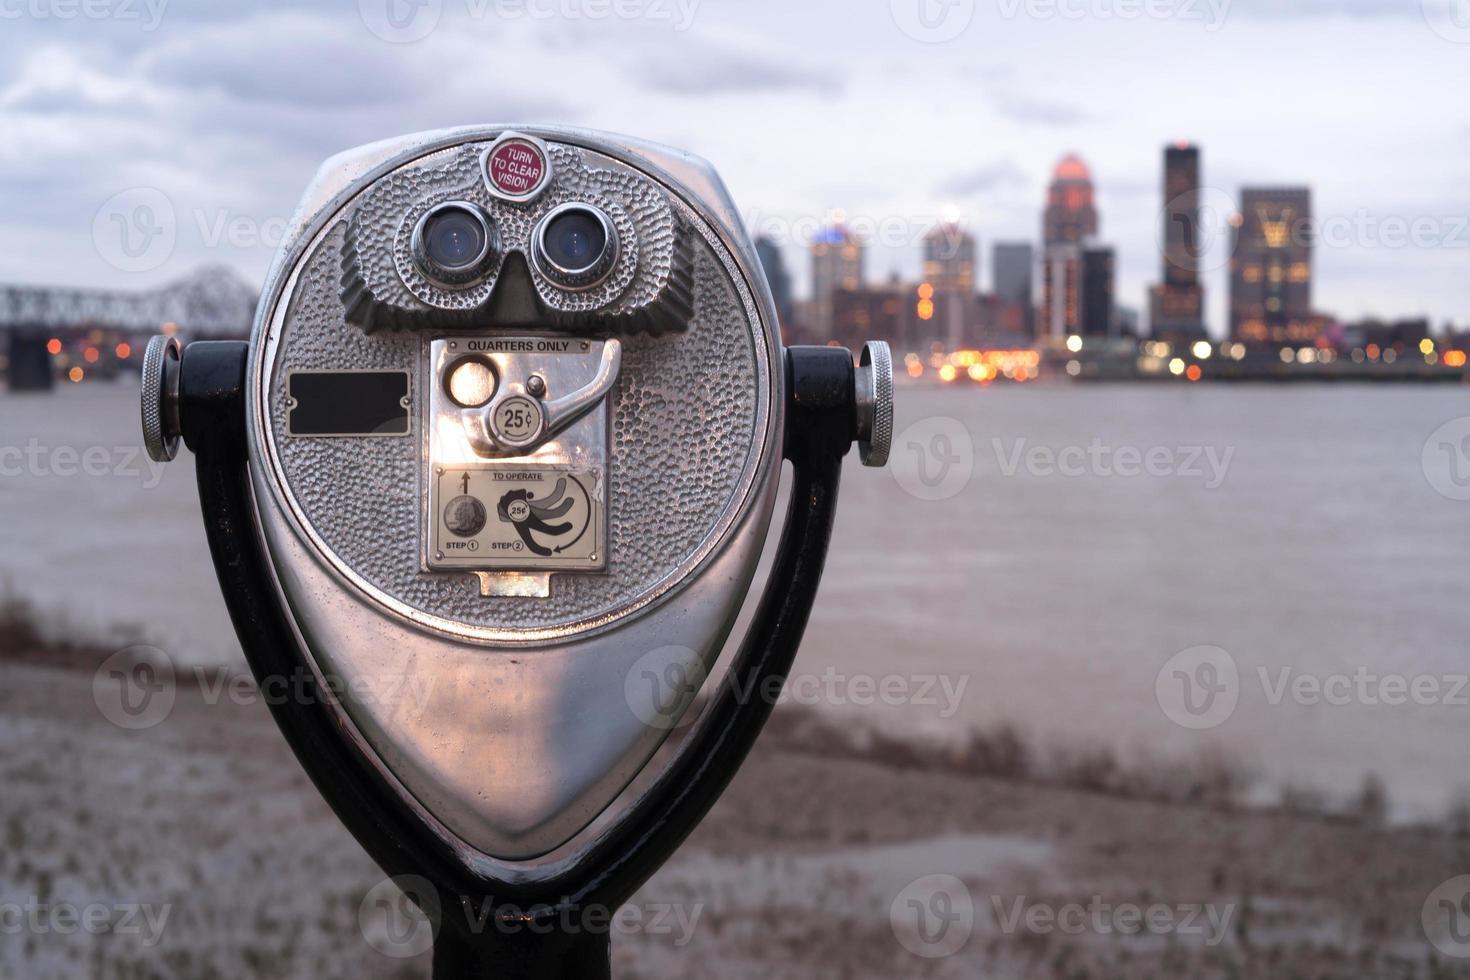 pagare per visualizzare ingrandimento pubblico vista binocolo parco lungo il fiume foto